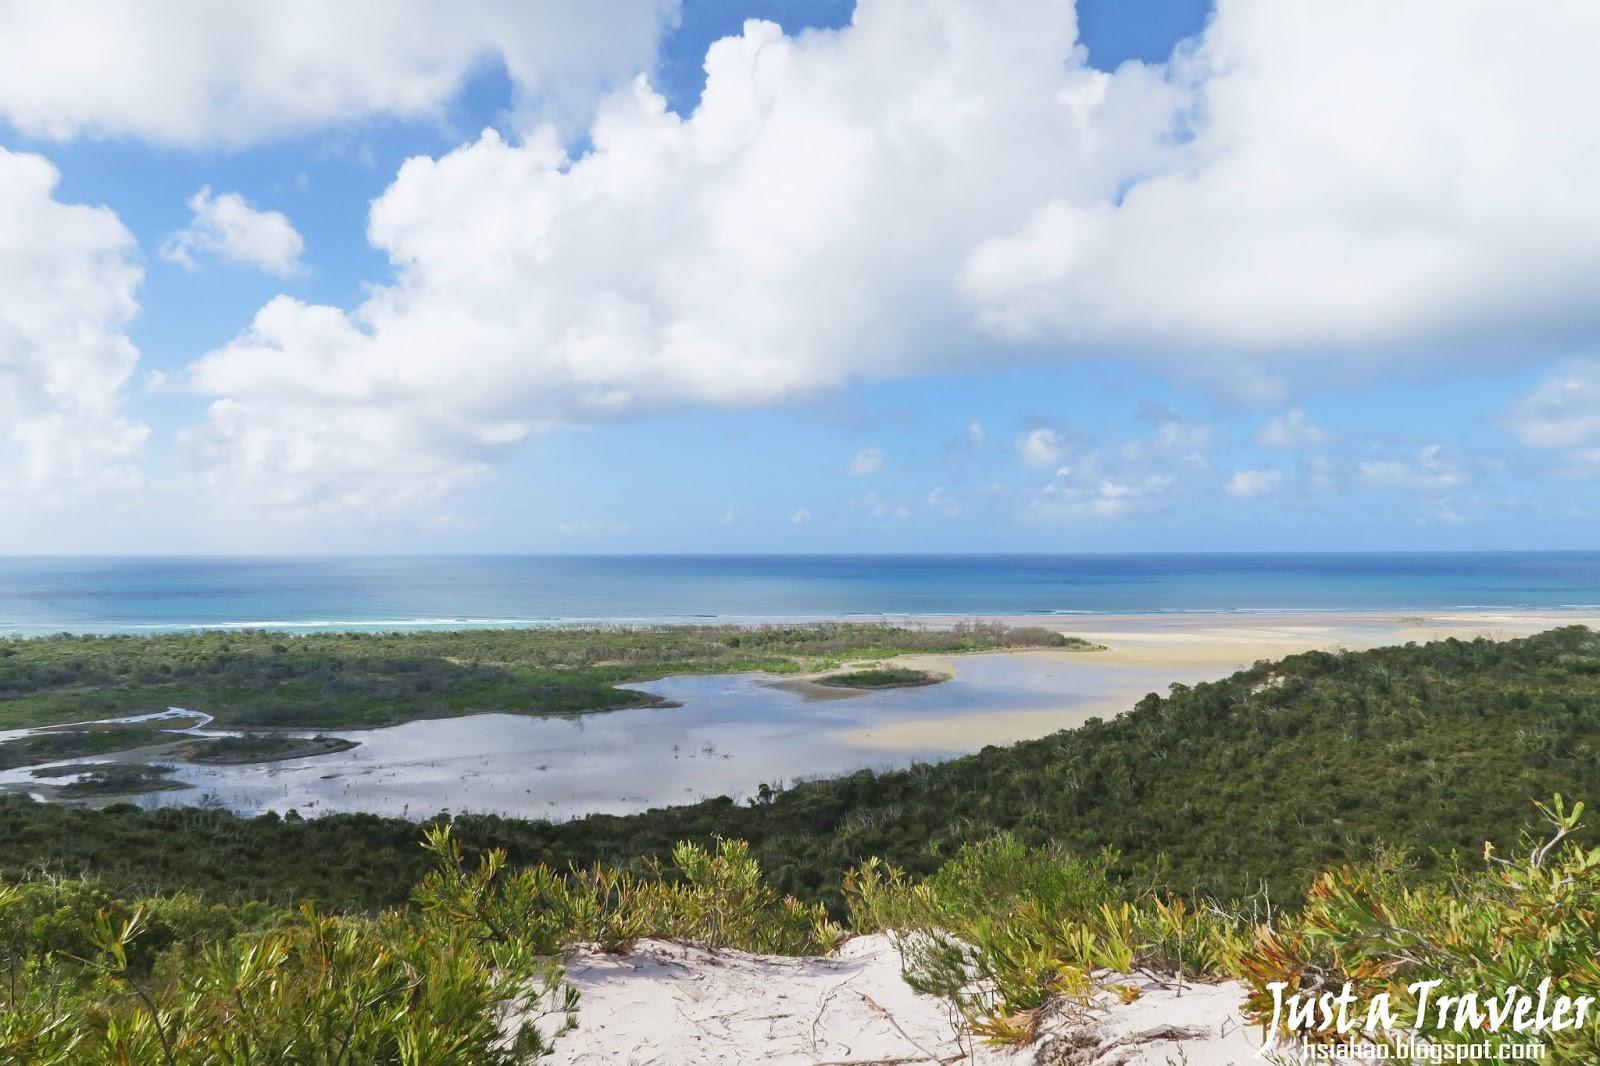 布里斯本外島 澳洲必玩:摩頓島 Moreton Island 交通,住宿,景點,活動全攻略!